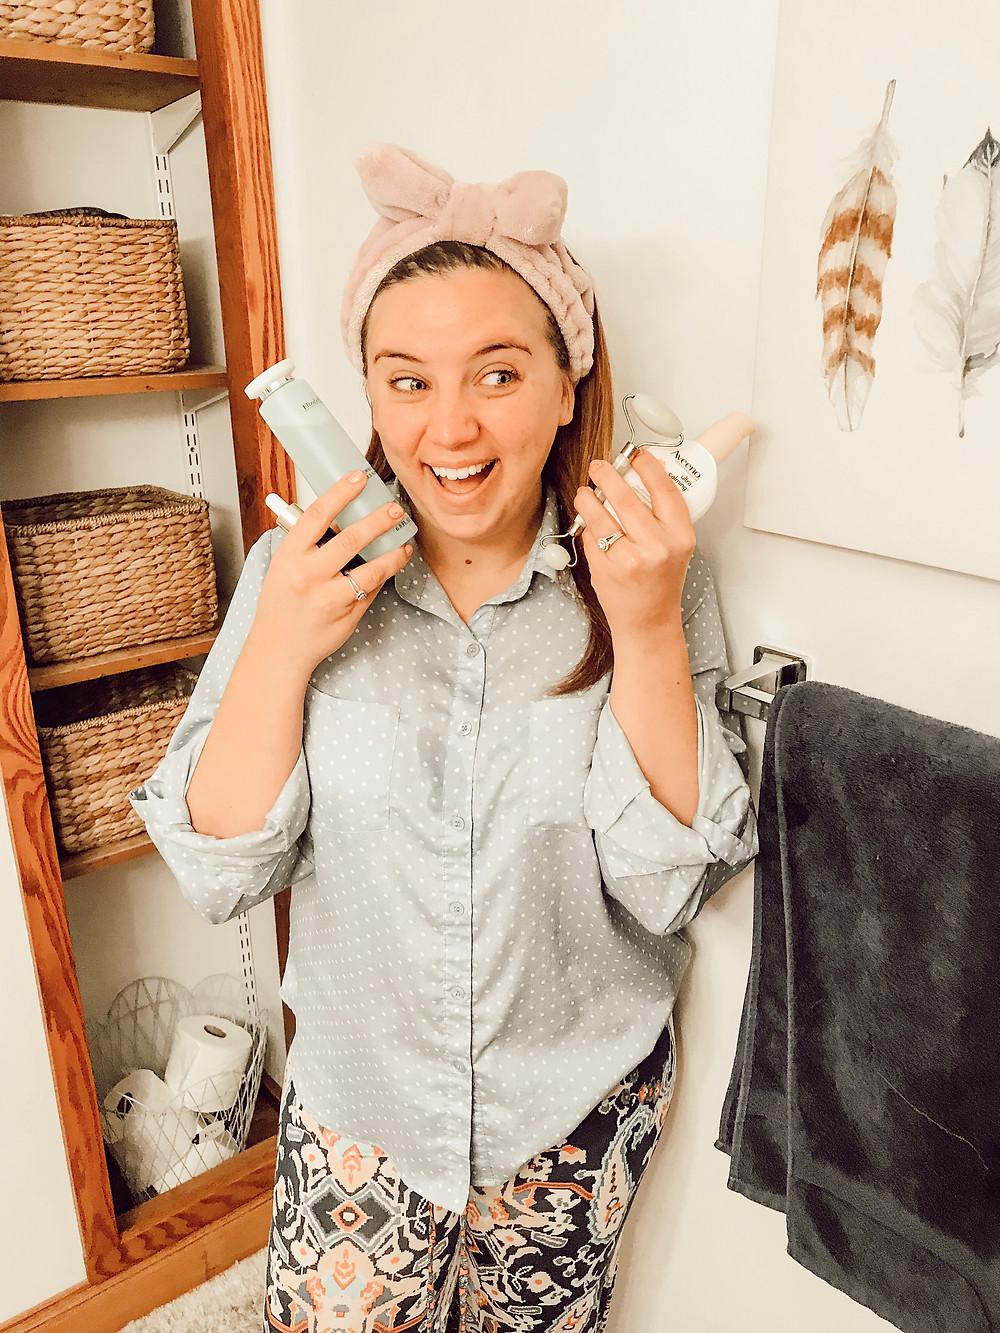 Skin care tips for twenty somethings